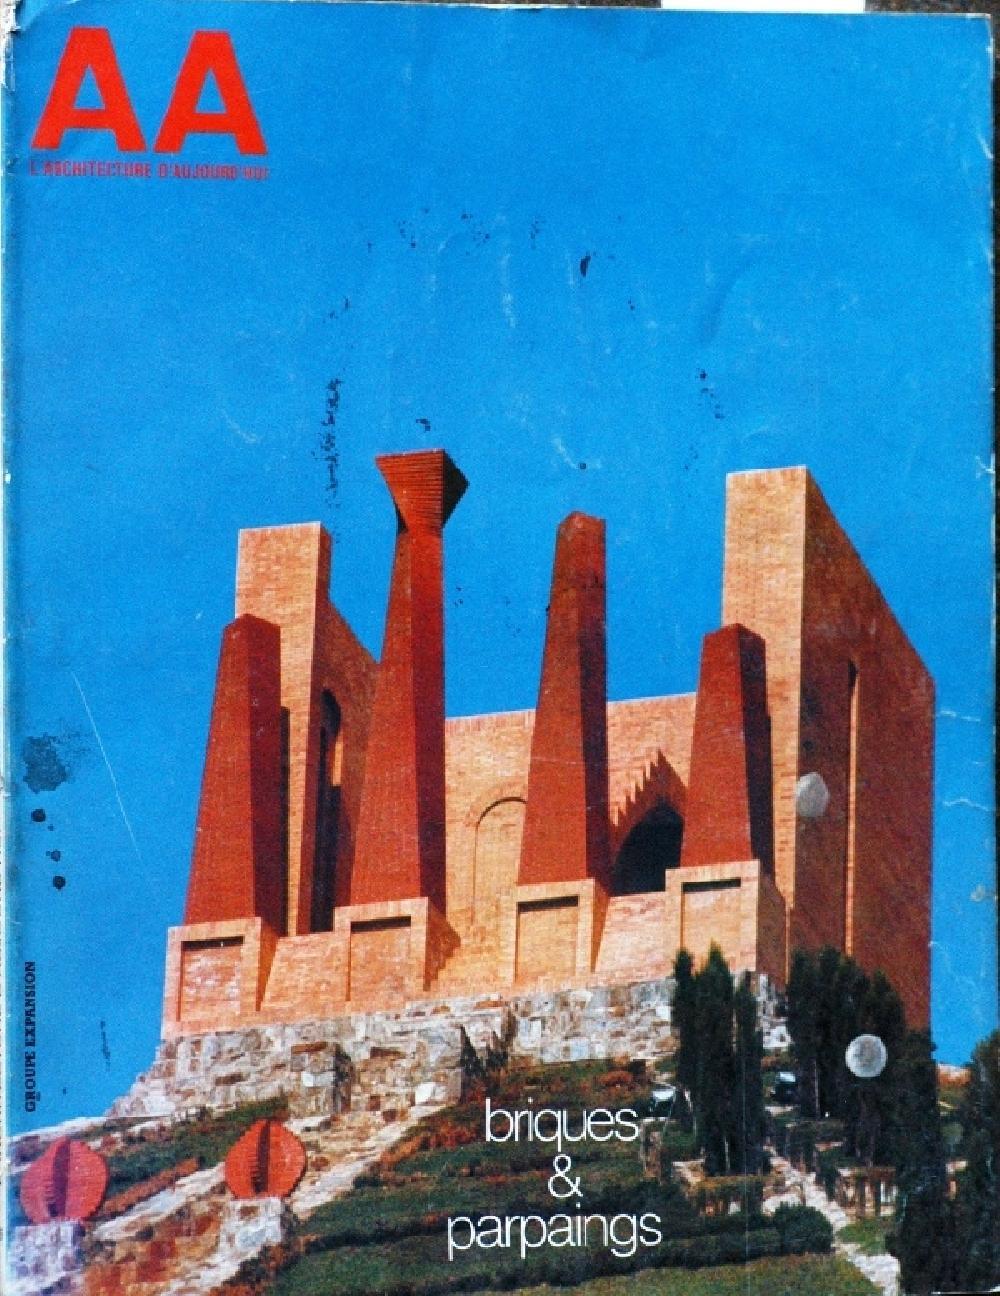 L'Architecture d'Aujourd'hui n°205